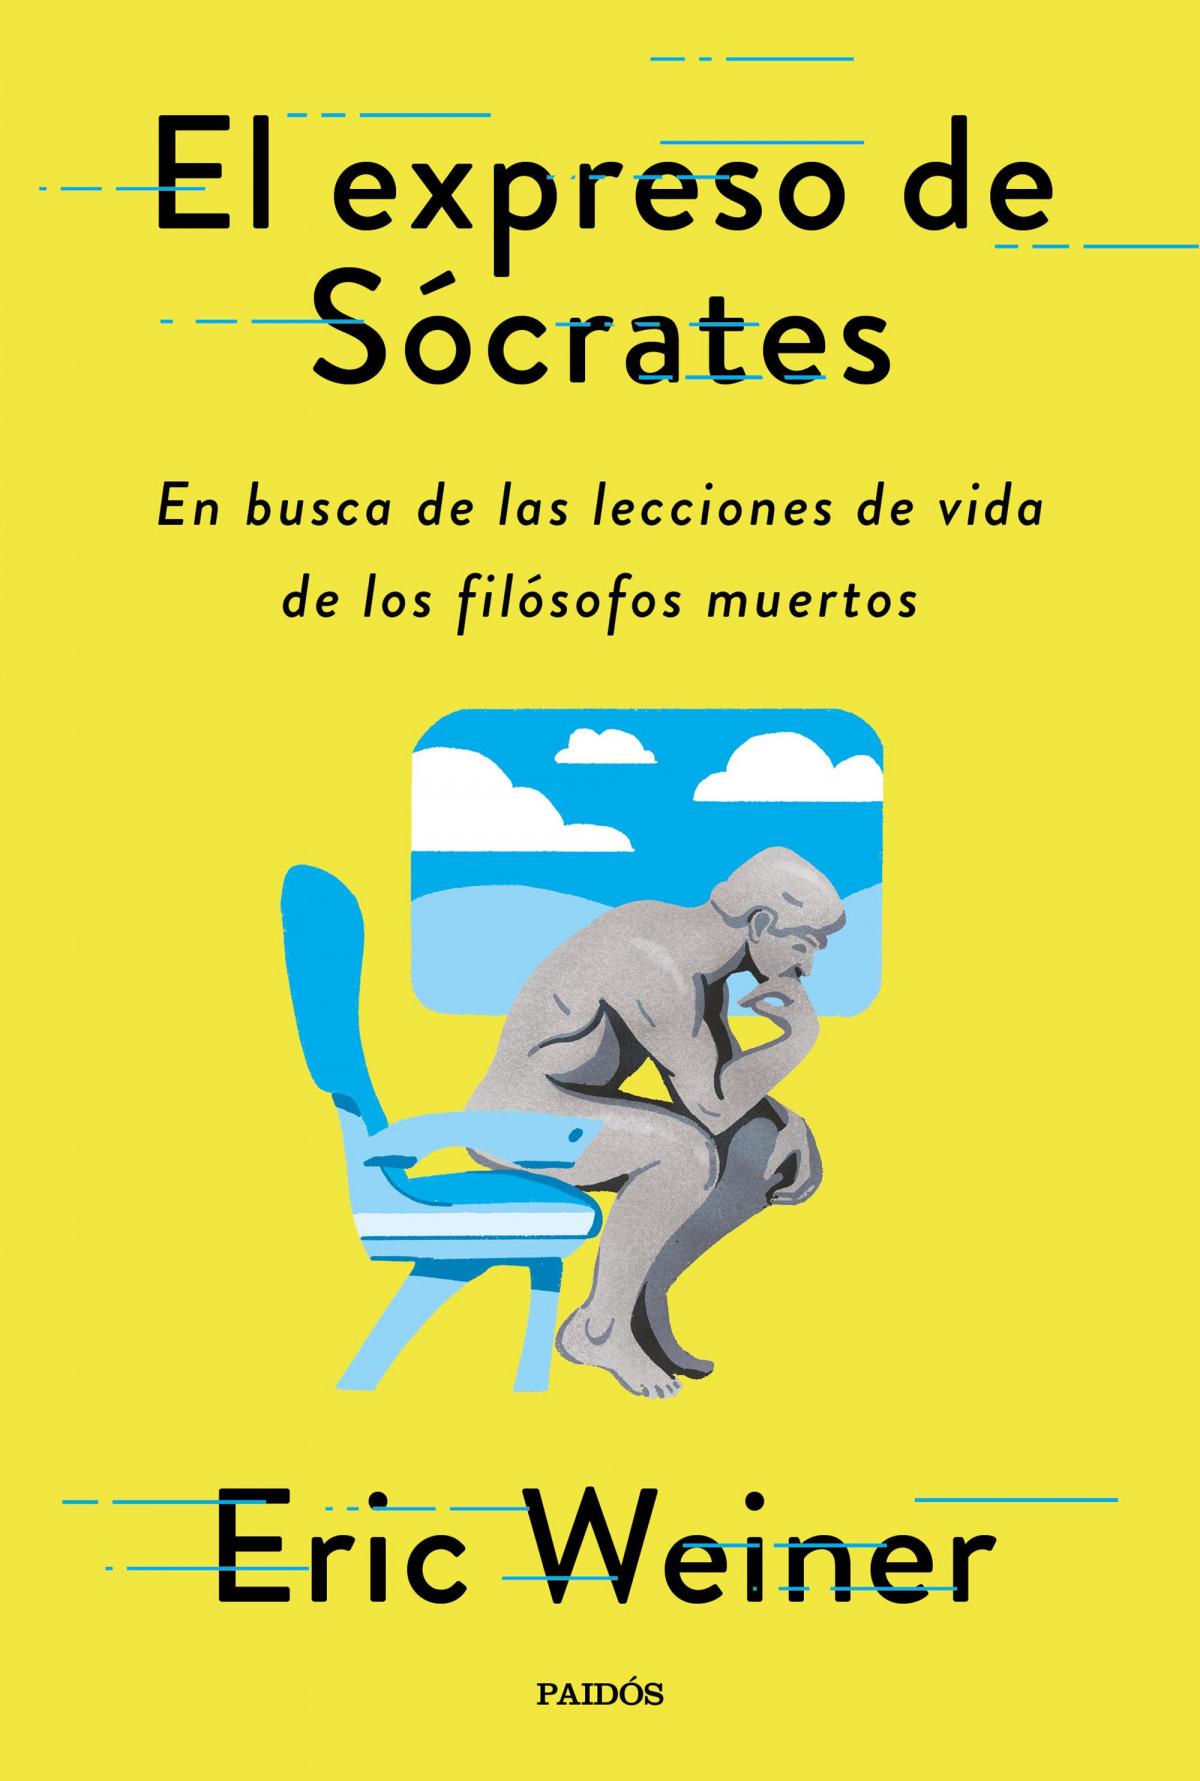 El expreso de Sócrates